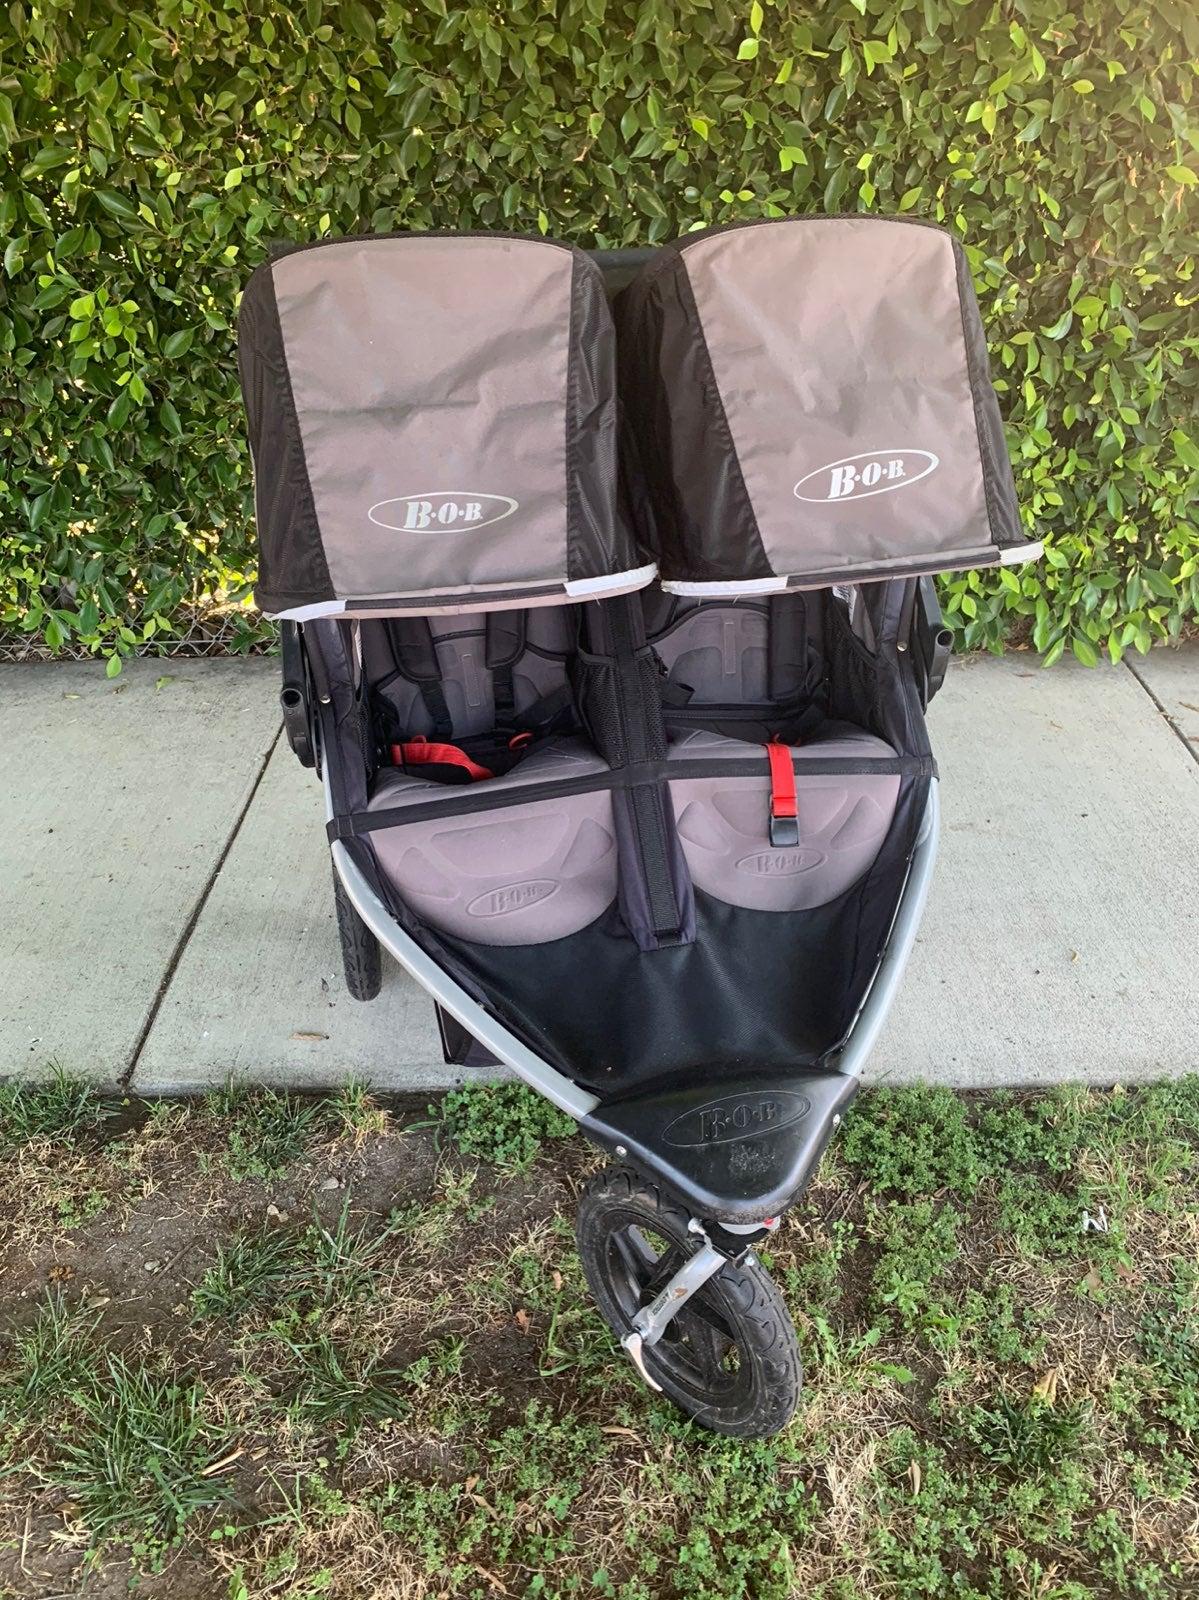 Bob flex double stroller